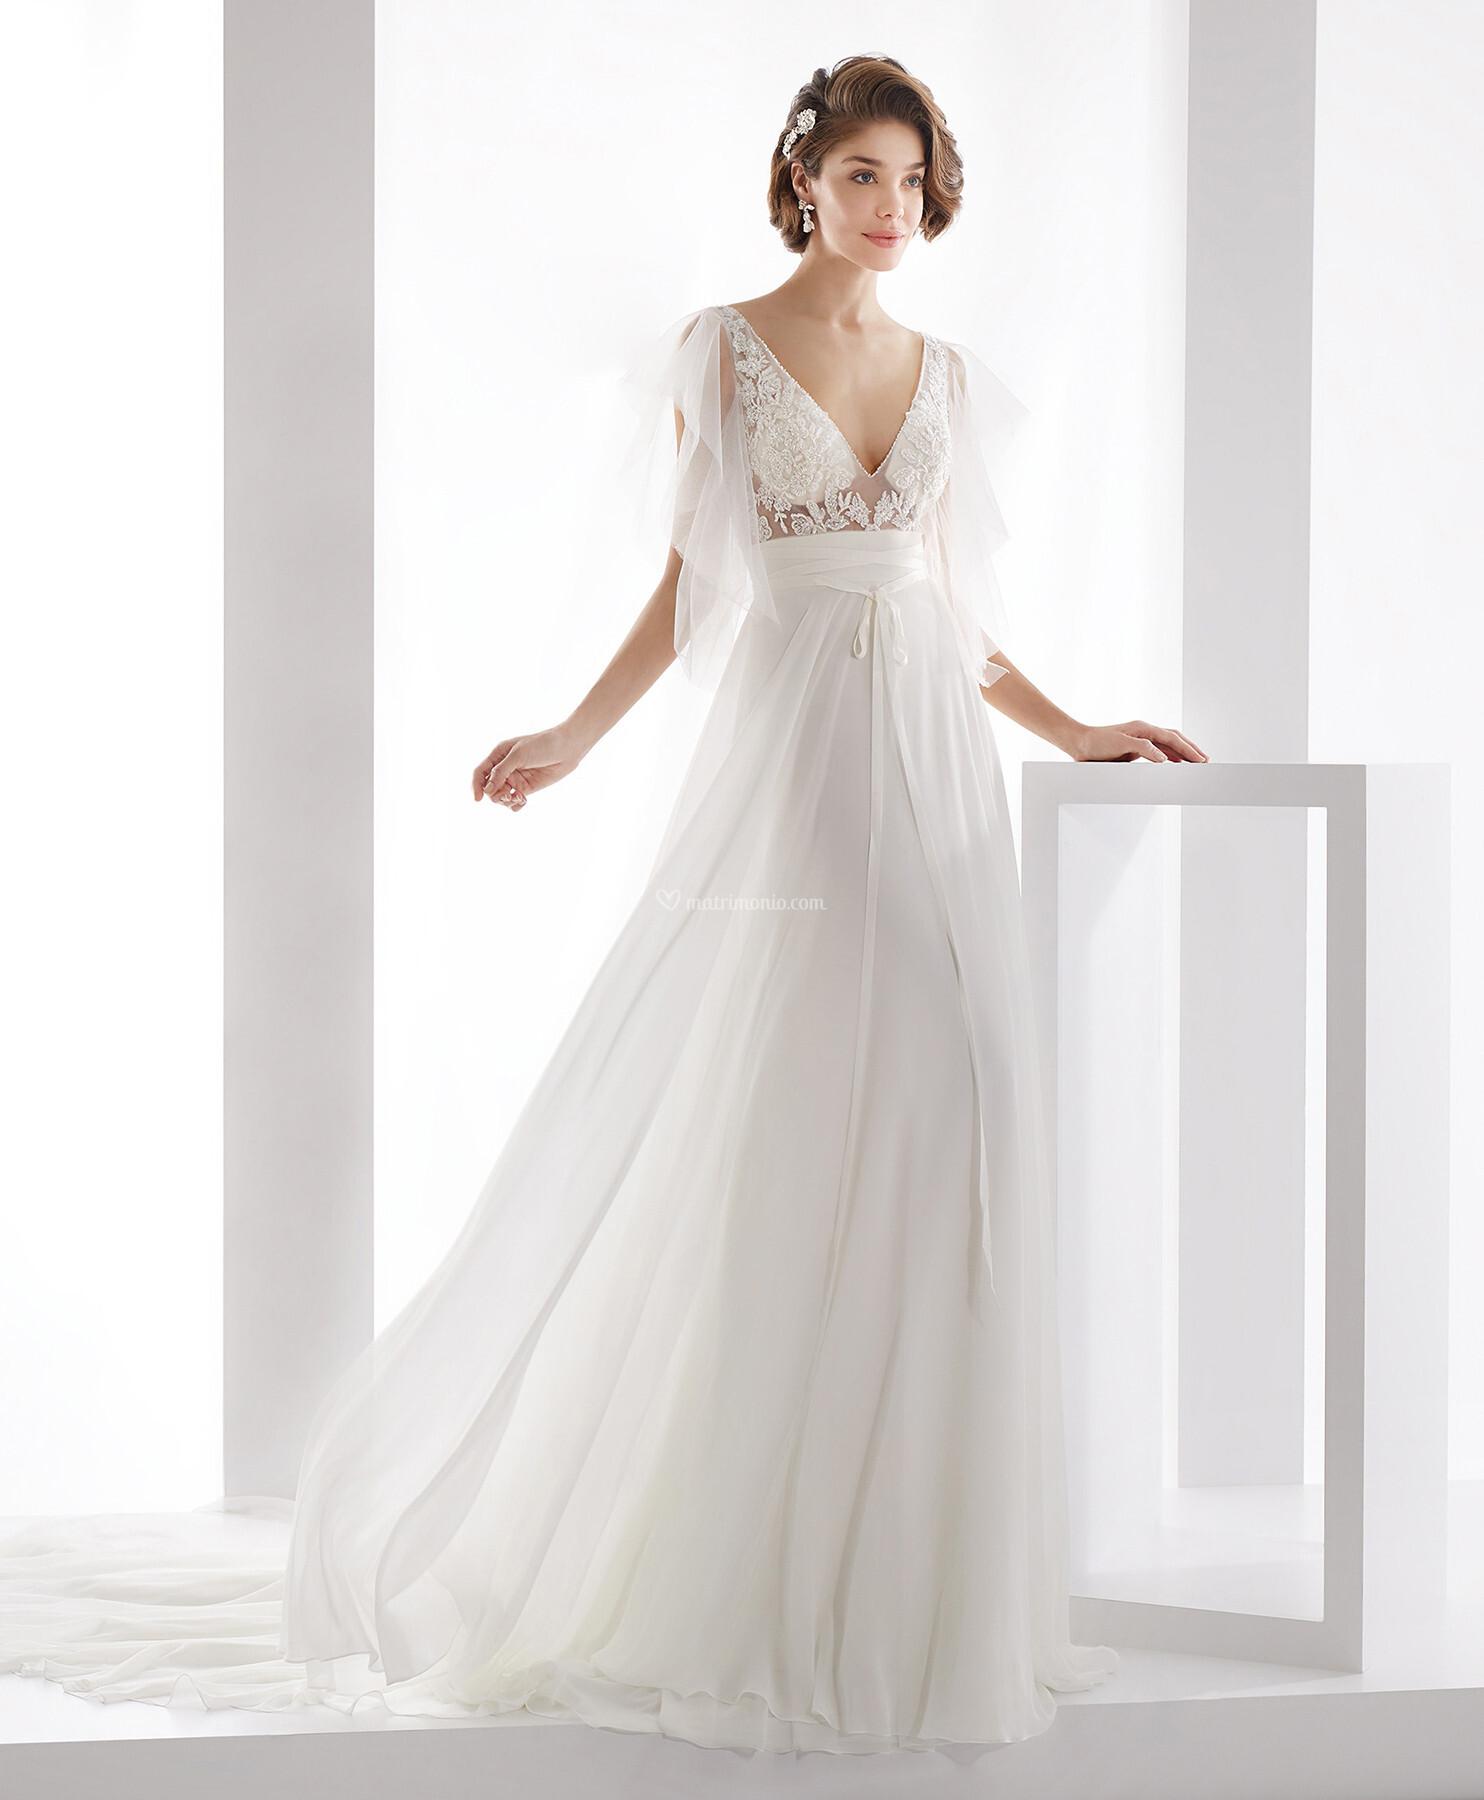 Vestiti Da Sposa Jolies.Abiti Da Sposa Di Jolies Joab19458 Matrimonio Com